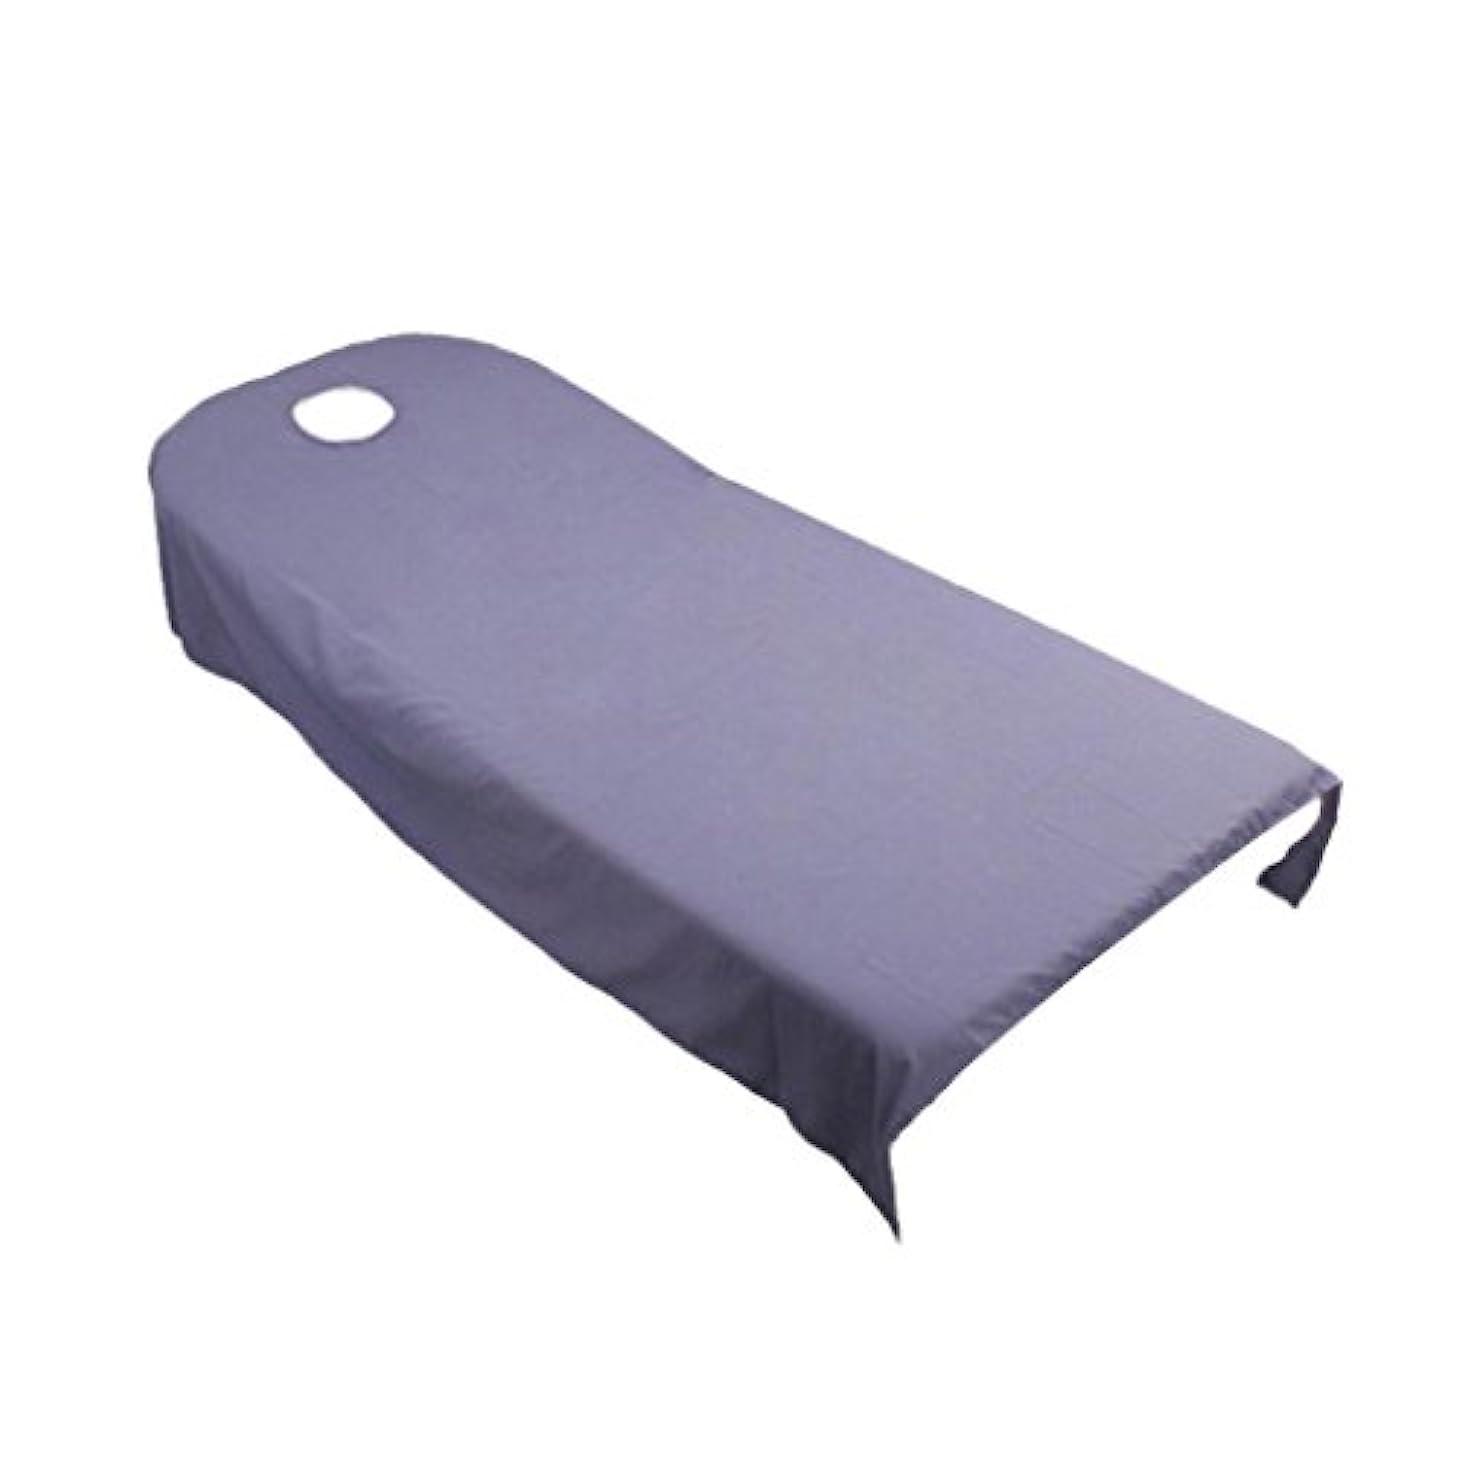 奴隷未使用苦しみタオル地 ベッドカバー ソファーカバー シート 面部の位置 ホール付き 美容/マッサージ/SPA 用 9色選べる - 紫の